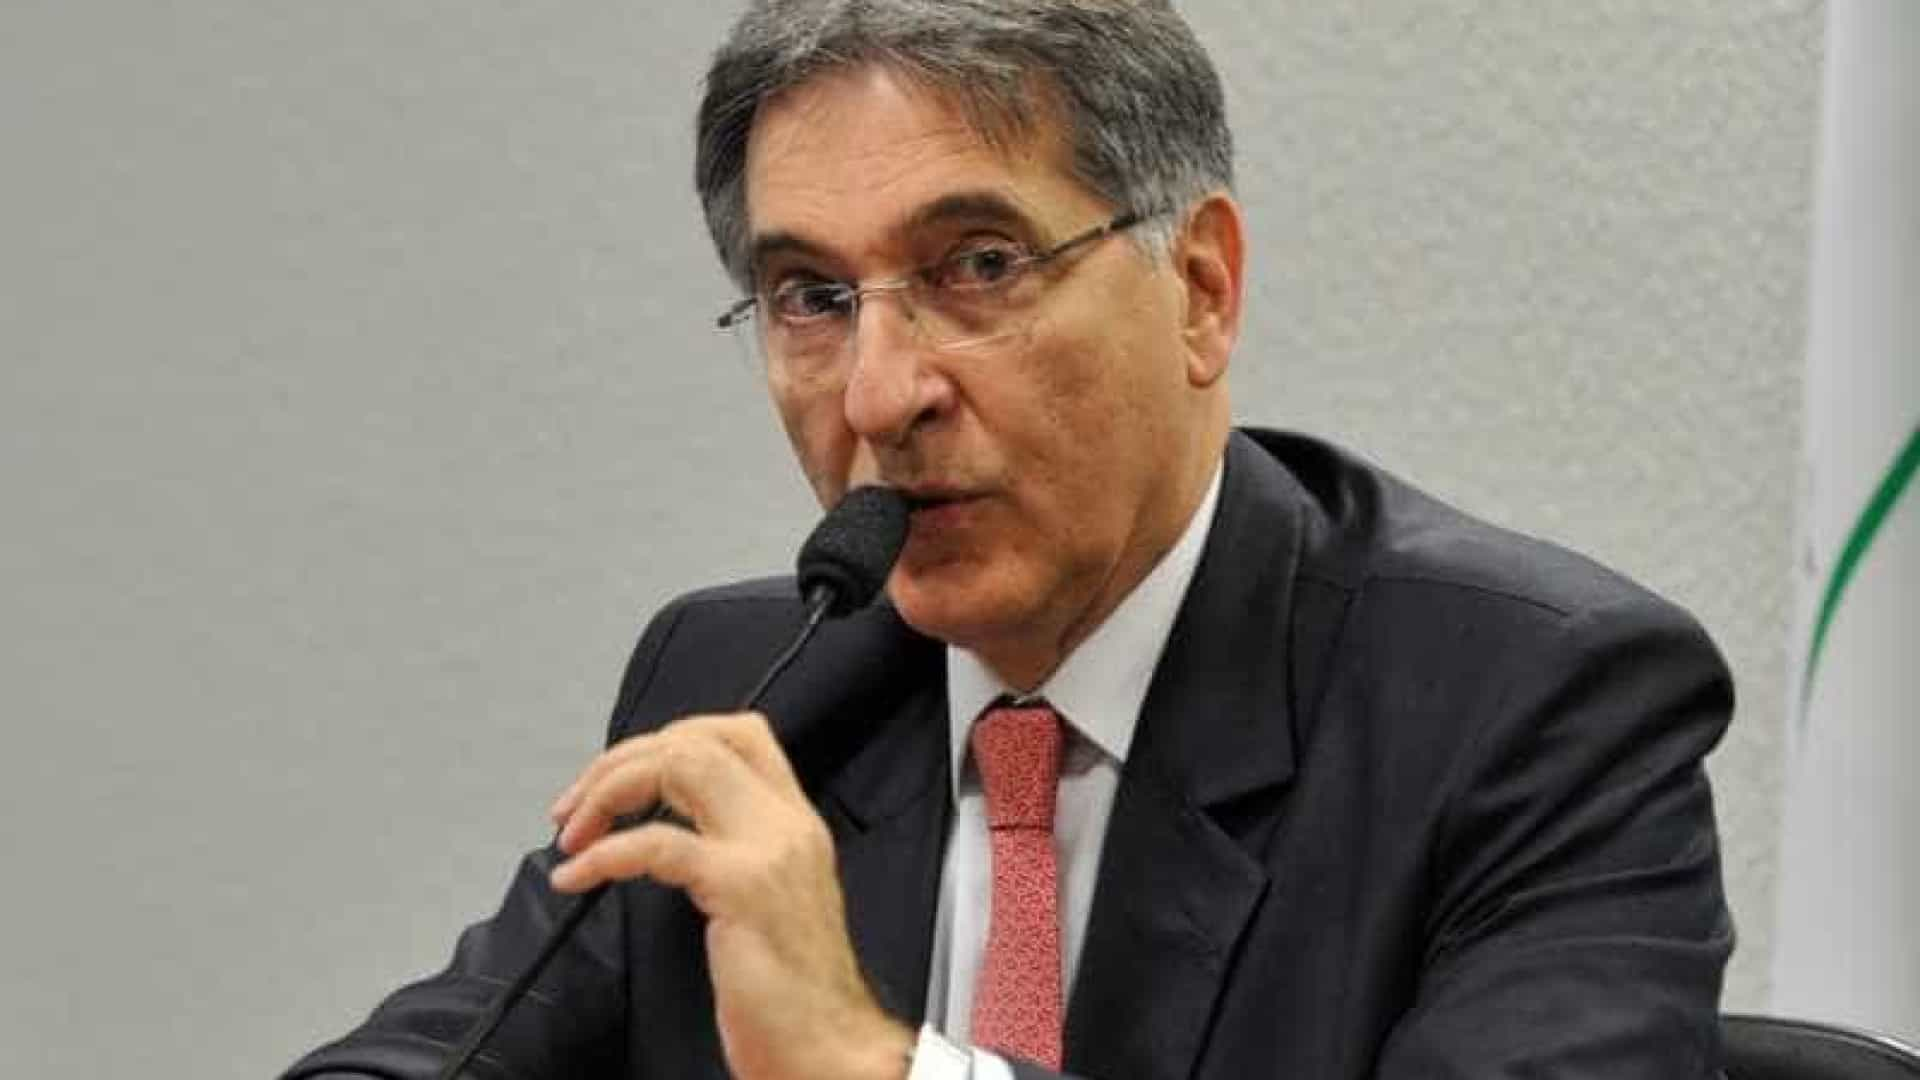 Fernando Pimentel é acusado de tráfico de influência